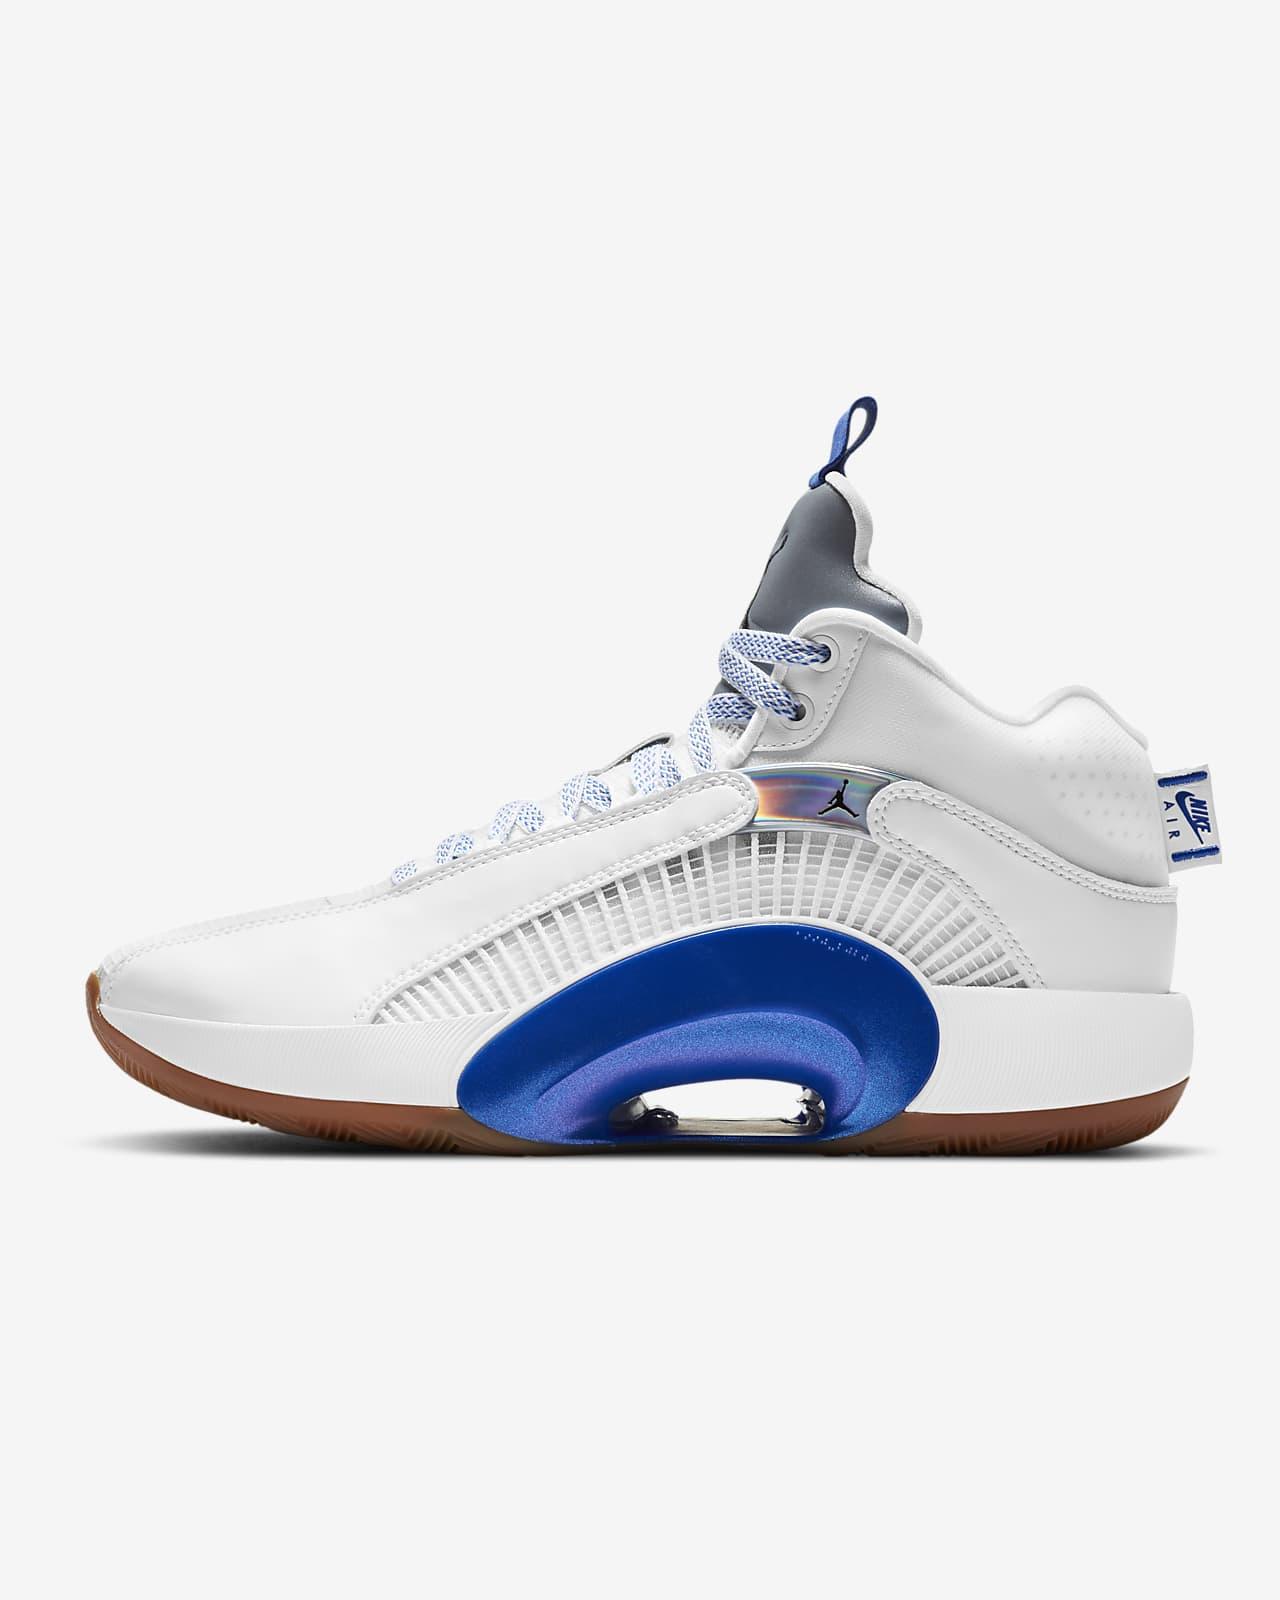 Chaussure de basketball Air Jordan XXXV « Sisterhood »